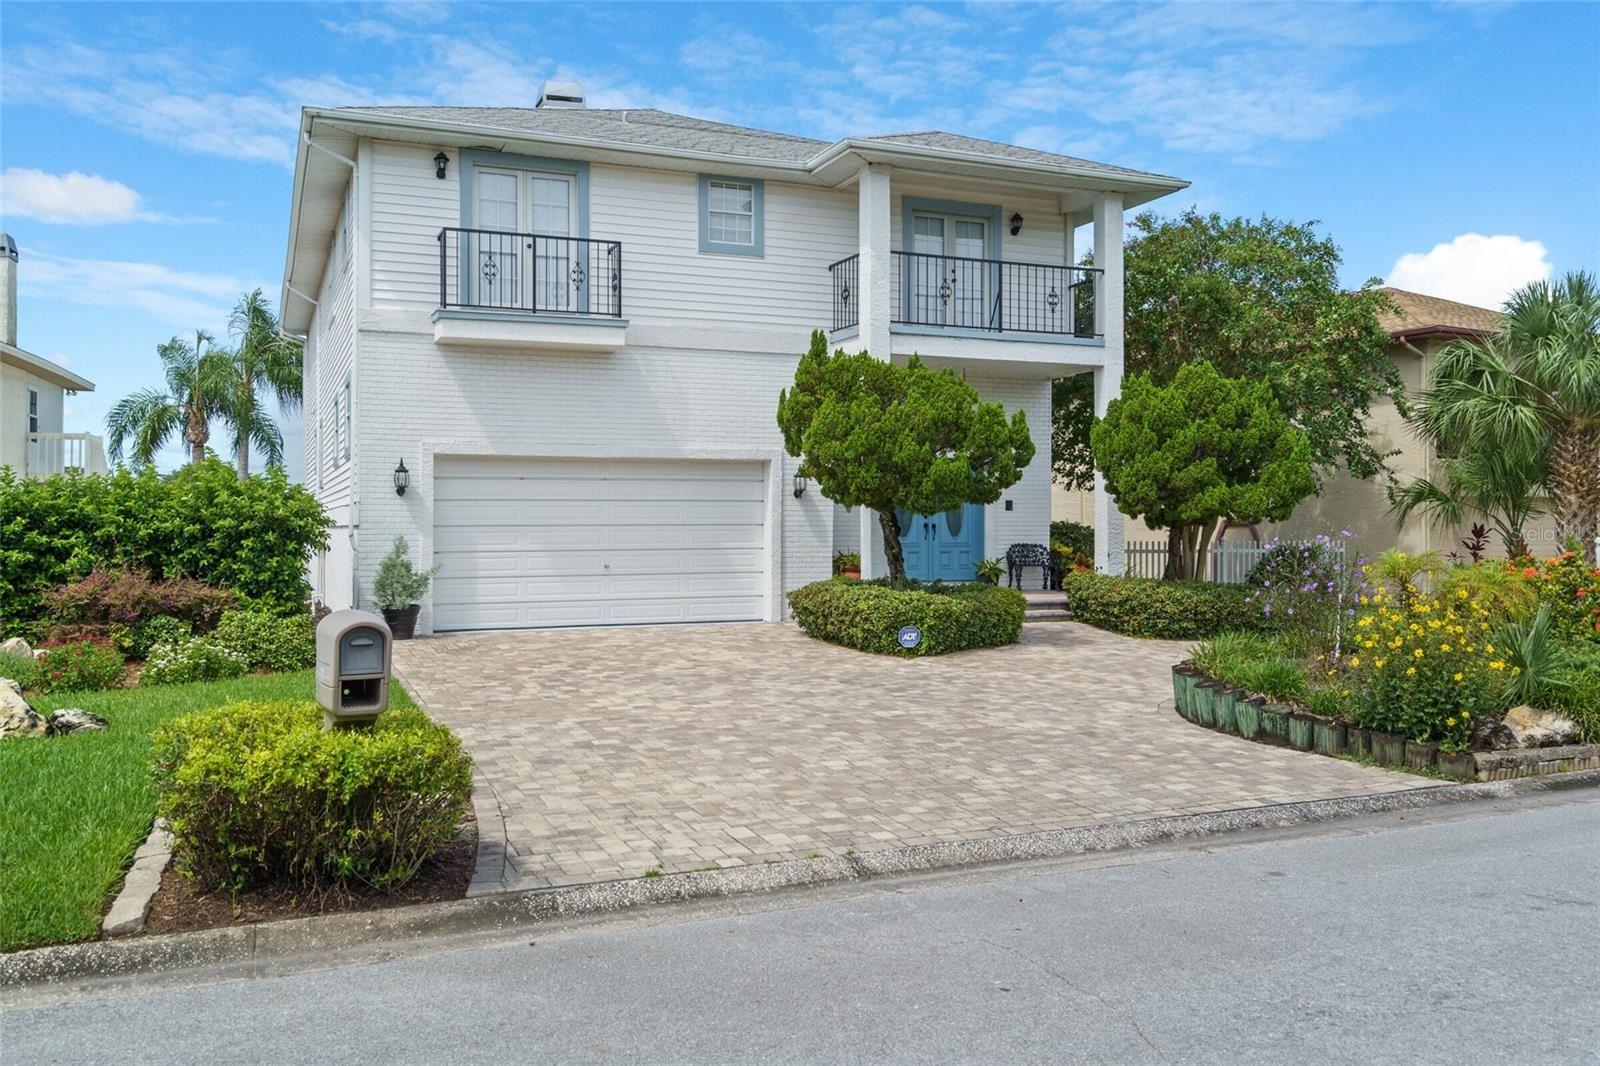 6227 FJORD WAY, New Port Richey, FL 34652 - MLS#: W7839141